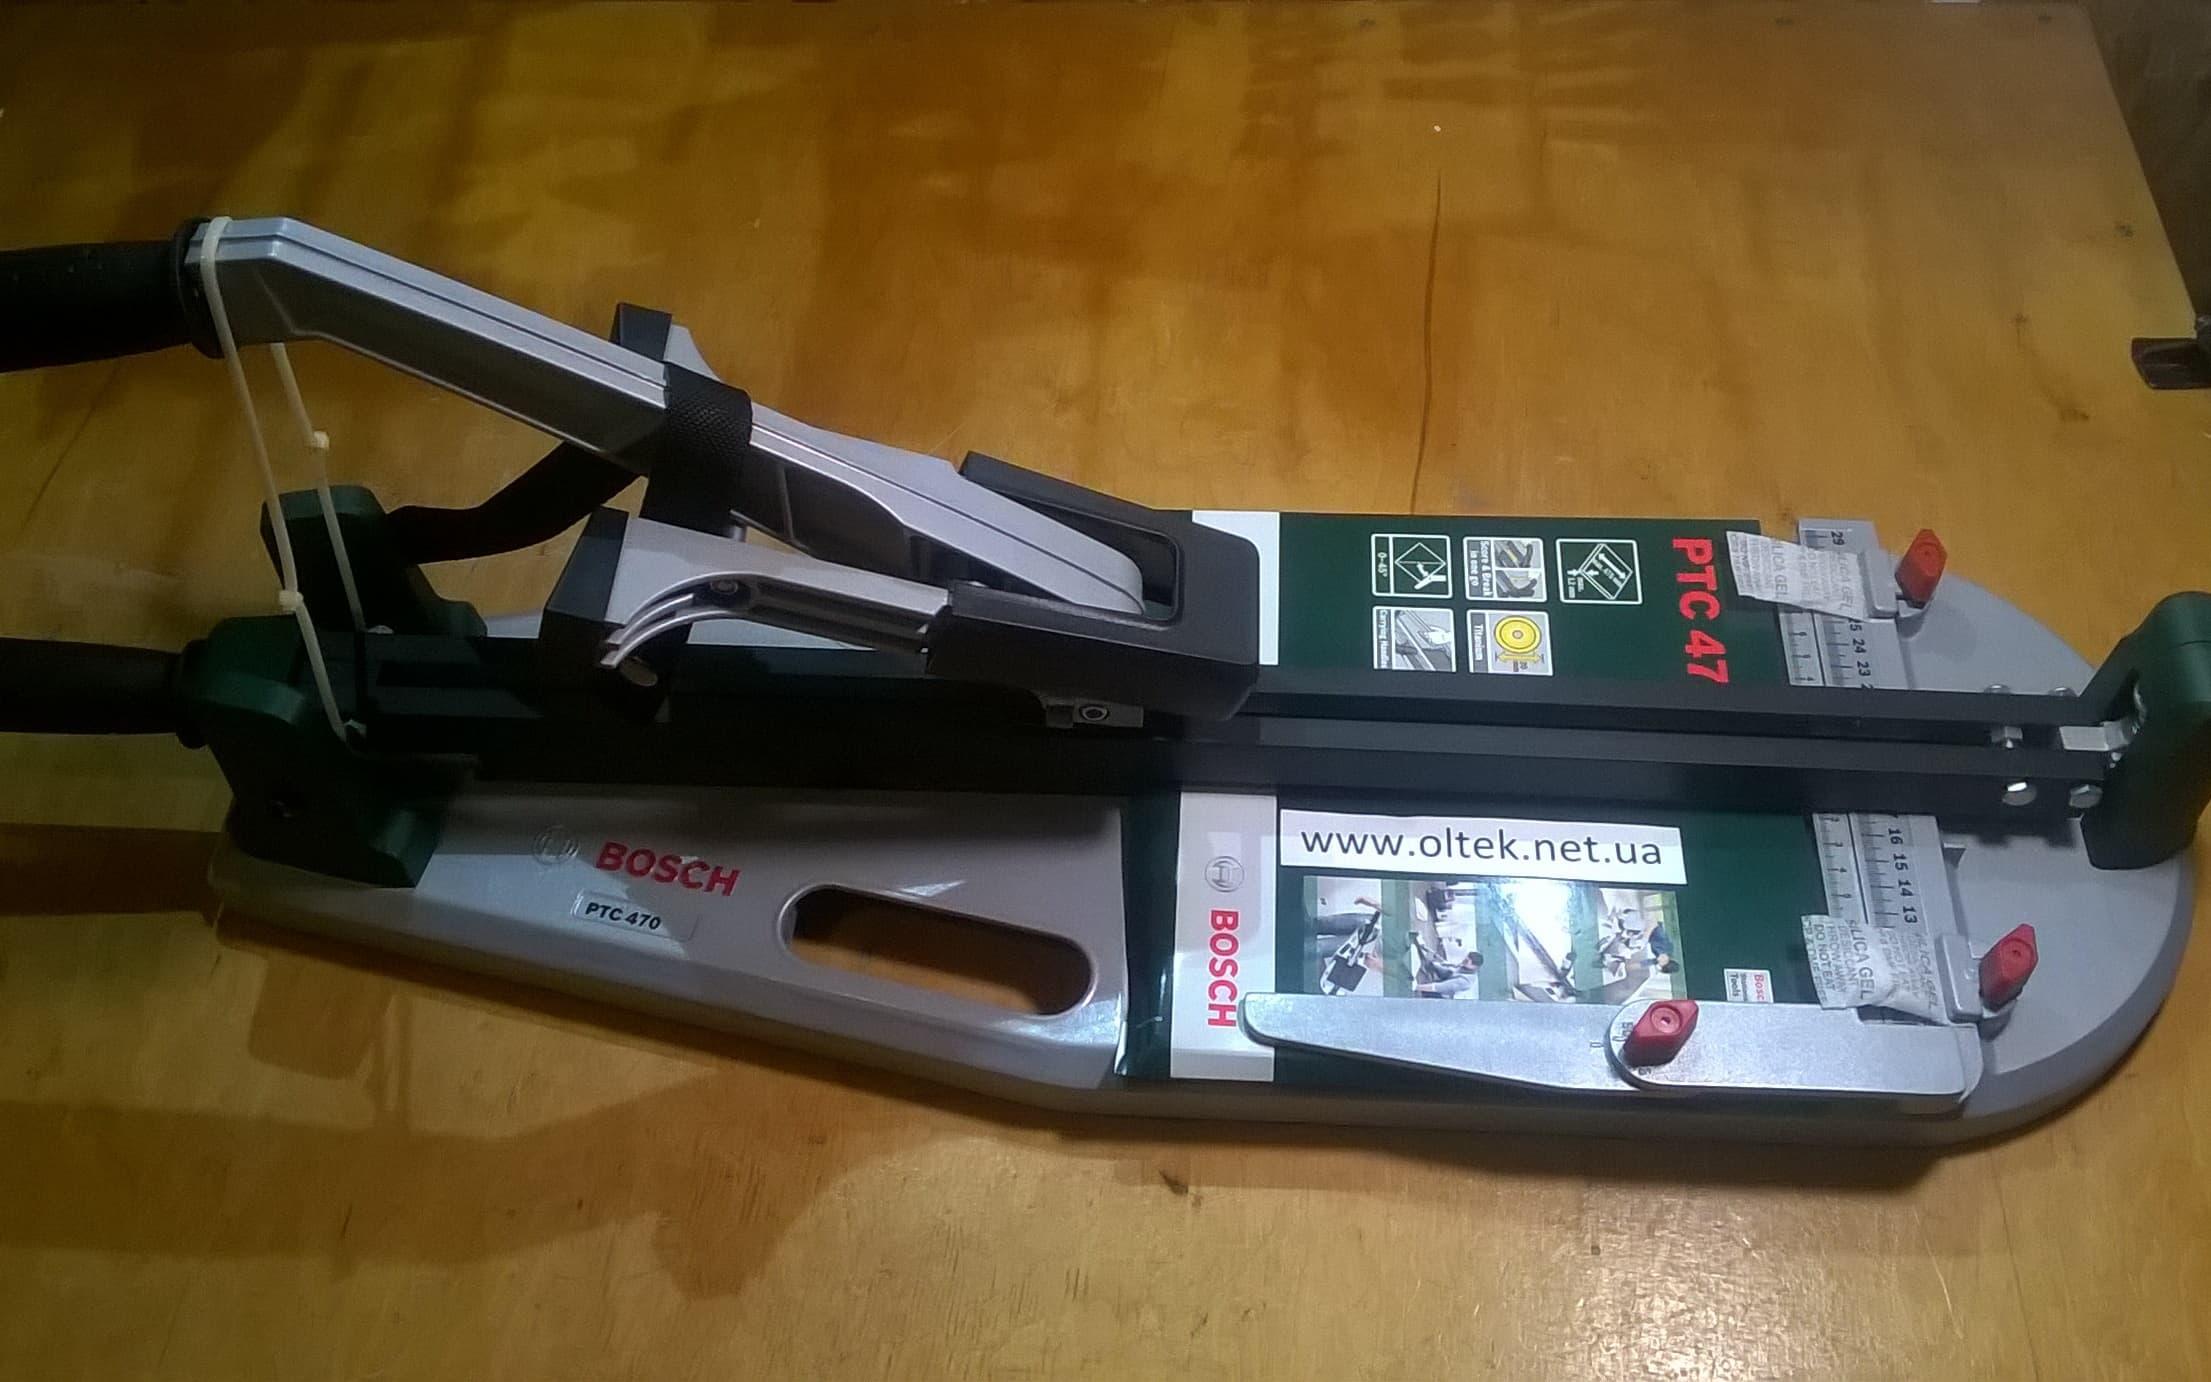 Bosch-PTC-470-oltek-net-ua